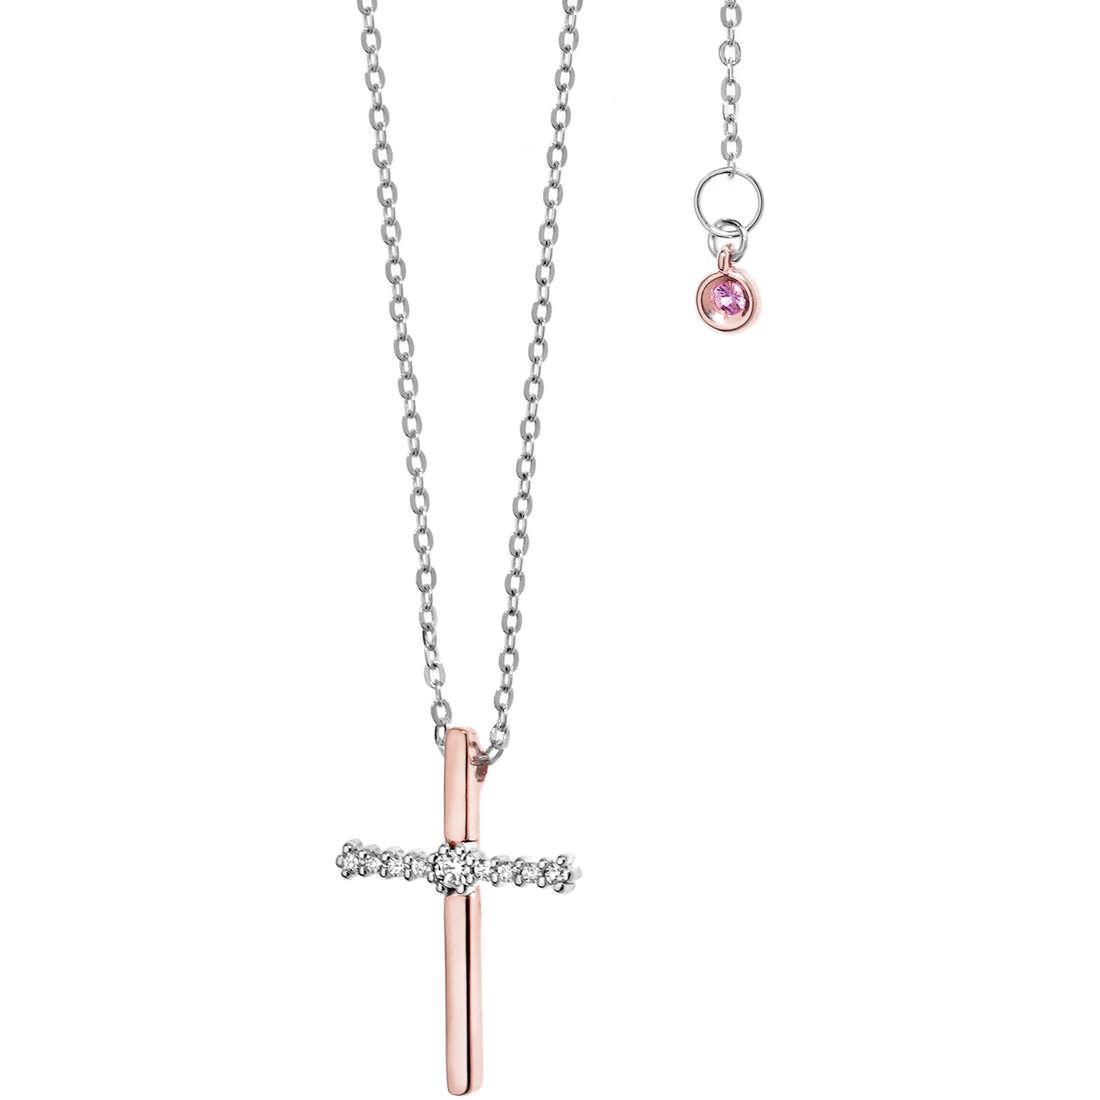 collana donna gioielli Comete Pietre preziose colorate GLB 879